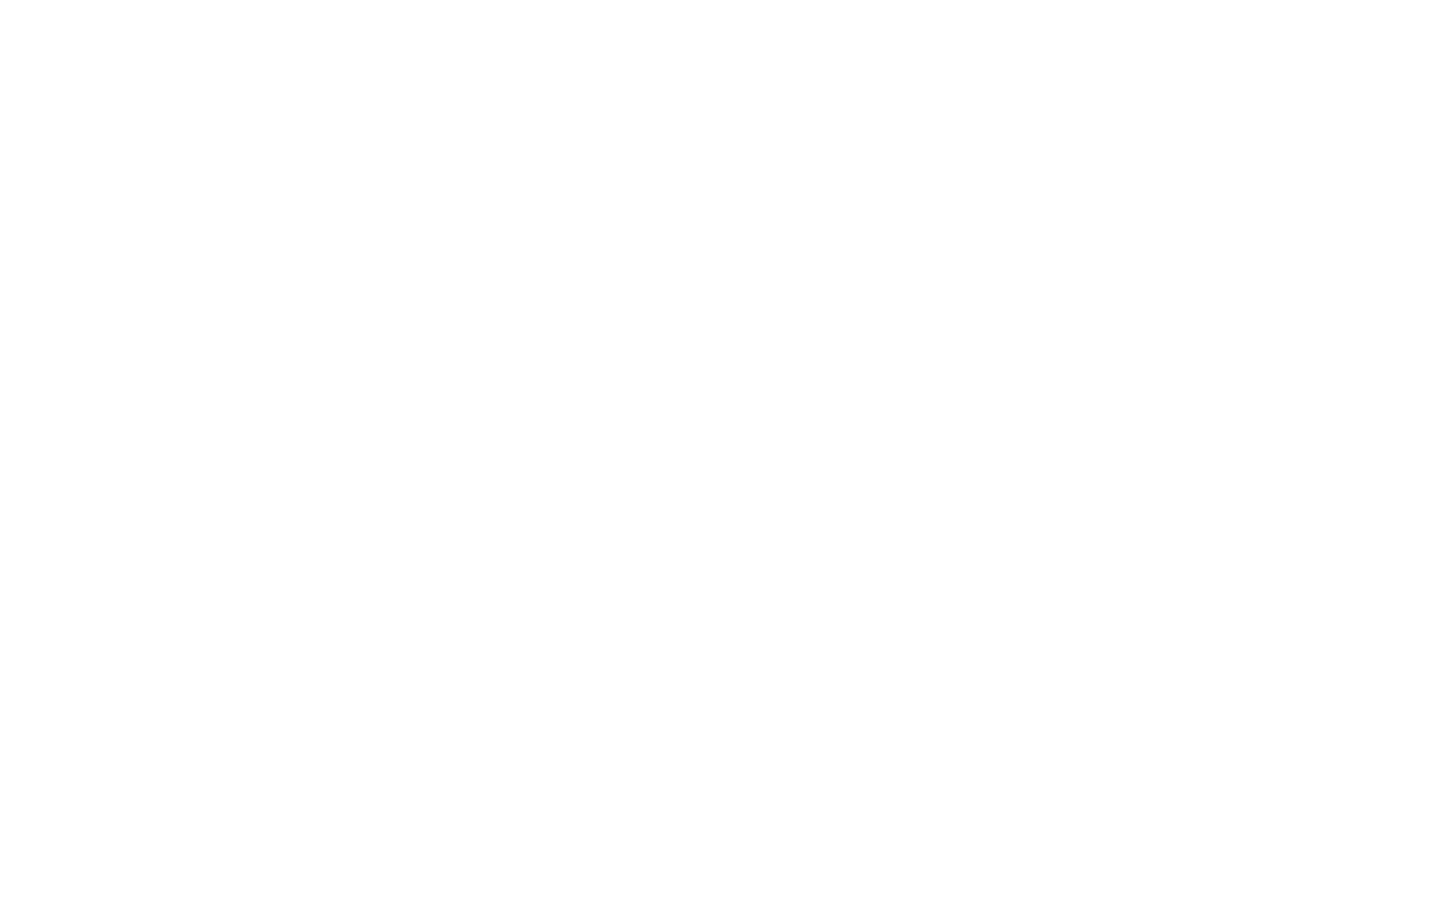 Agropur Coopérative laitière